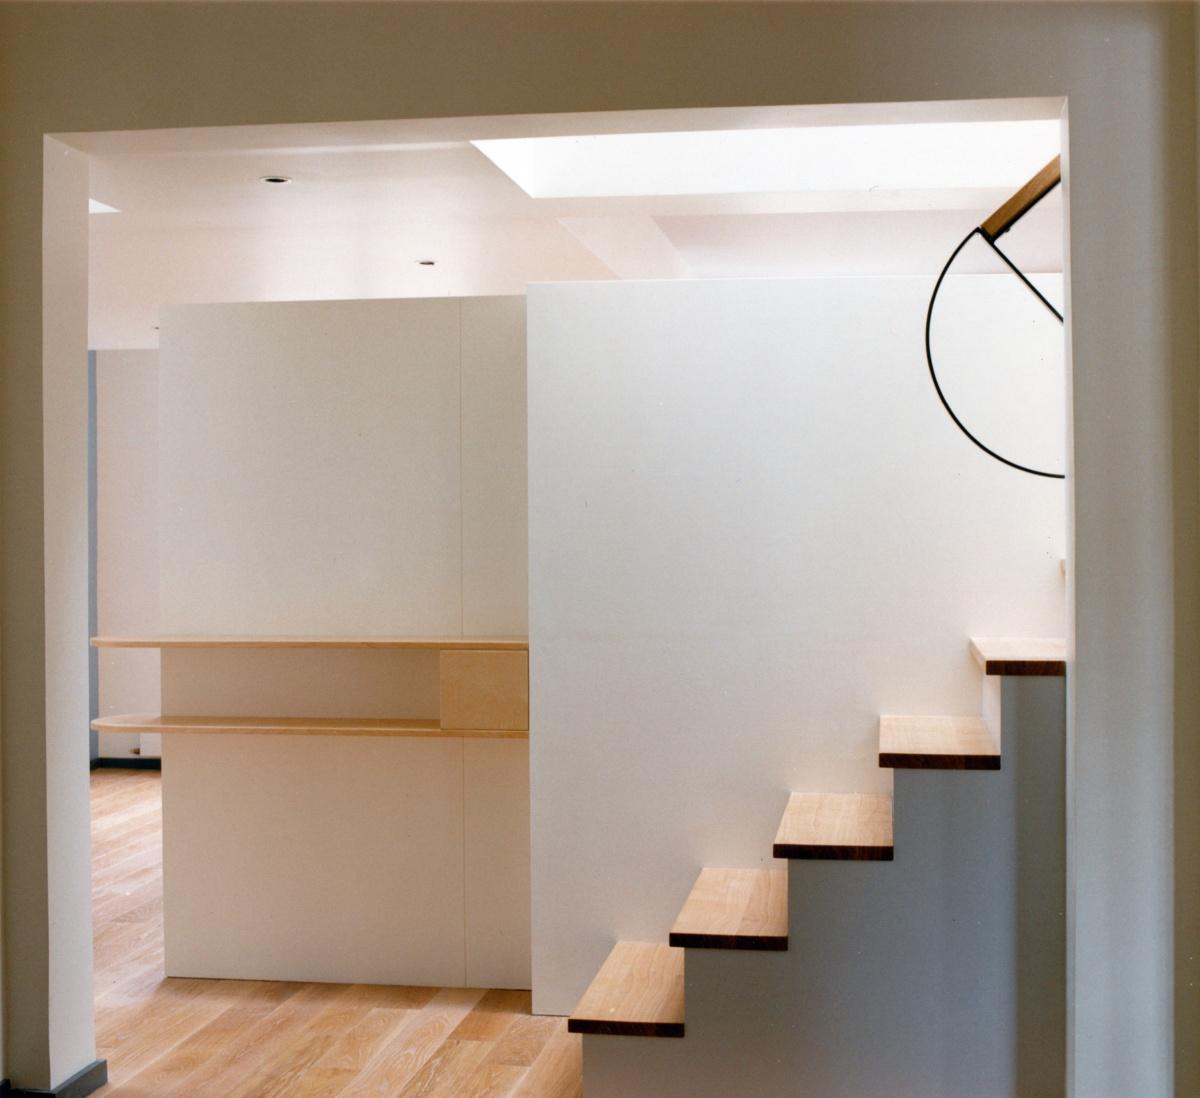 Duplex - Bibliothèque : 3 gir via g_0006 modifié